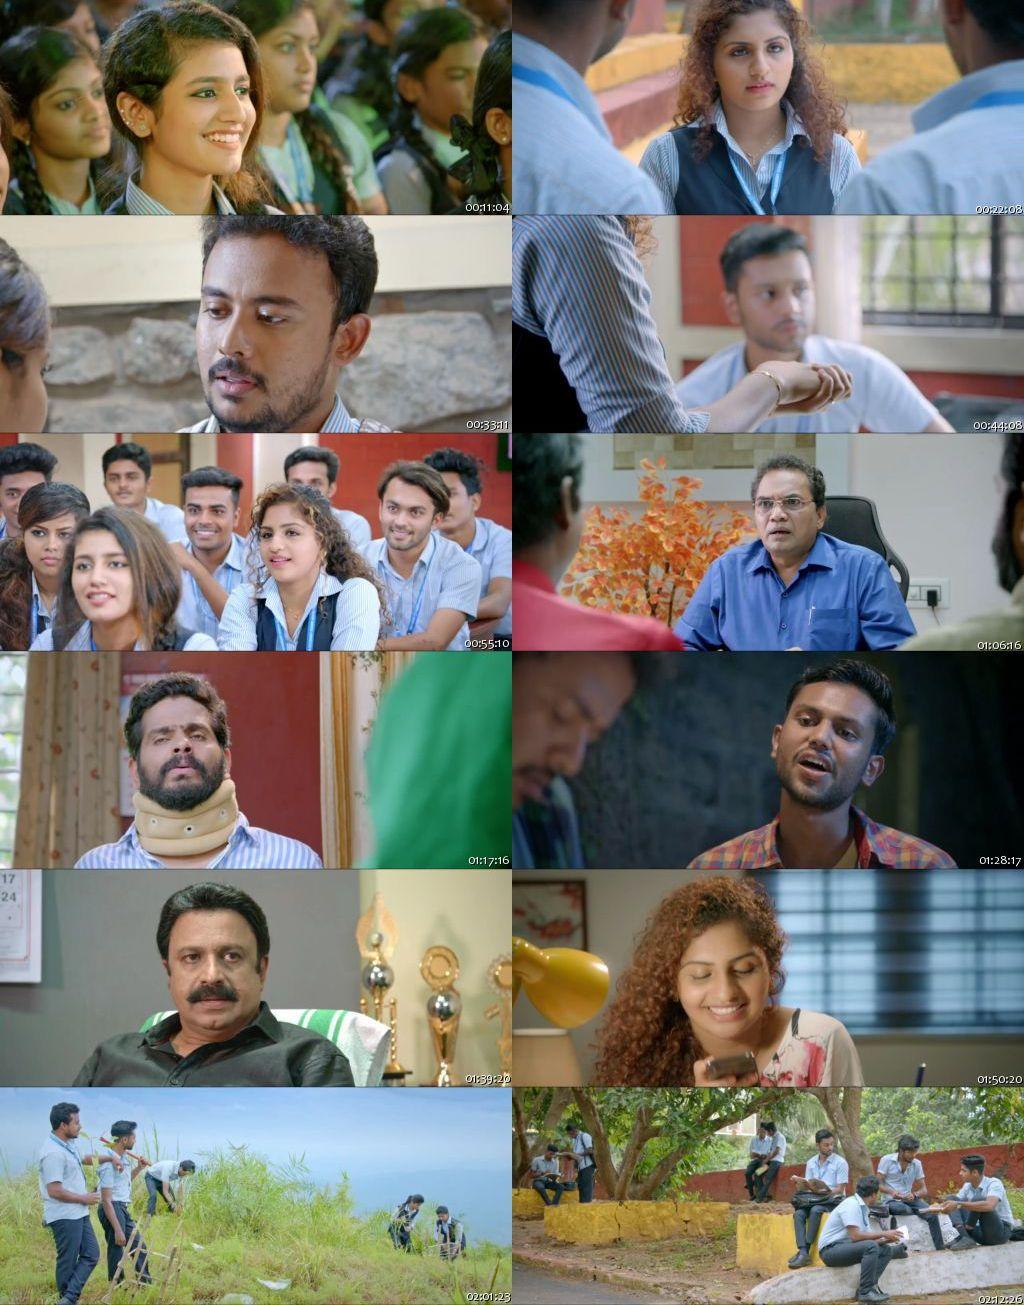 Oru Adaar Love 2019 Full Hindi Dubbed Movie Online Watch